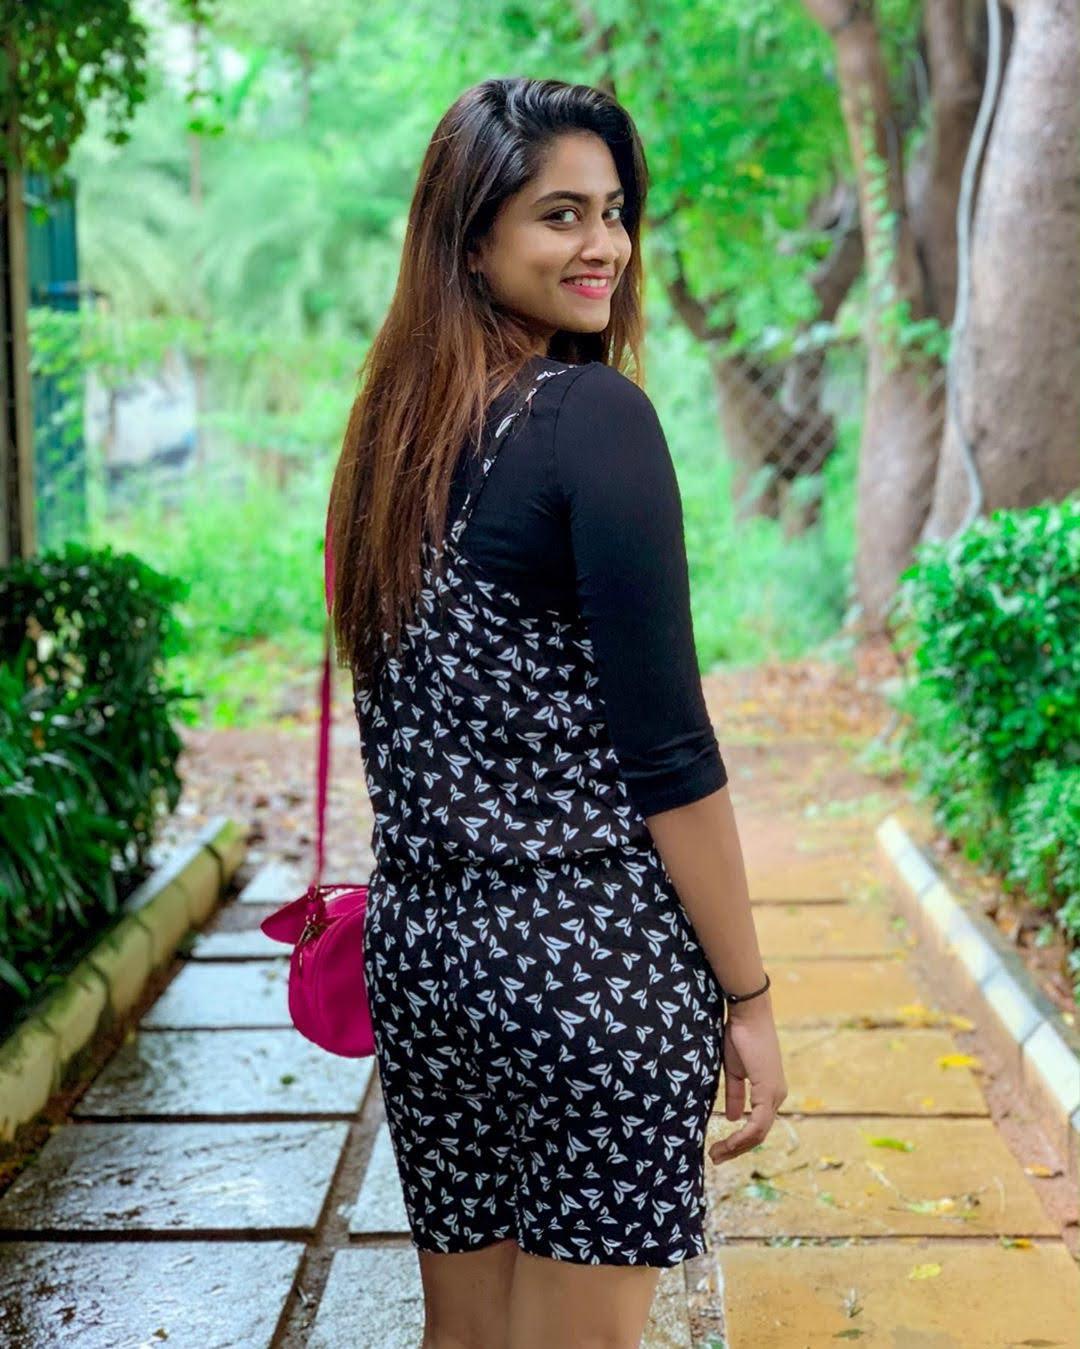 shivani_narayanan_515113241